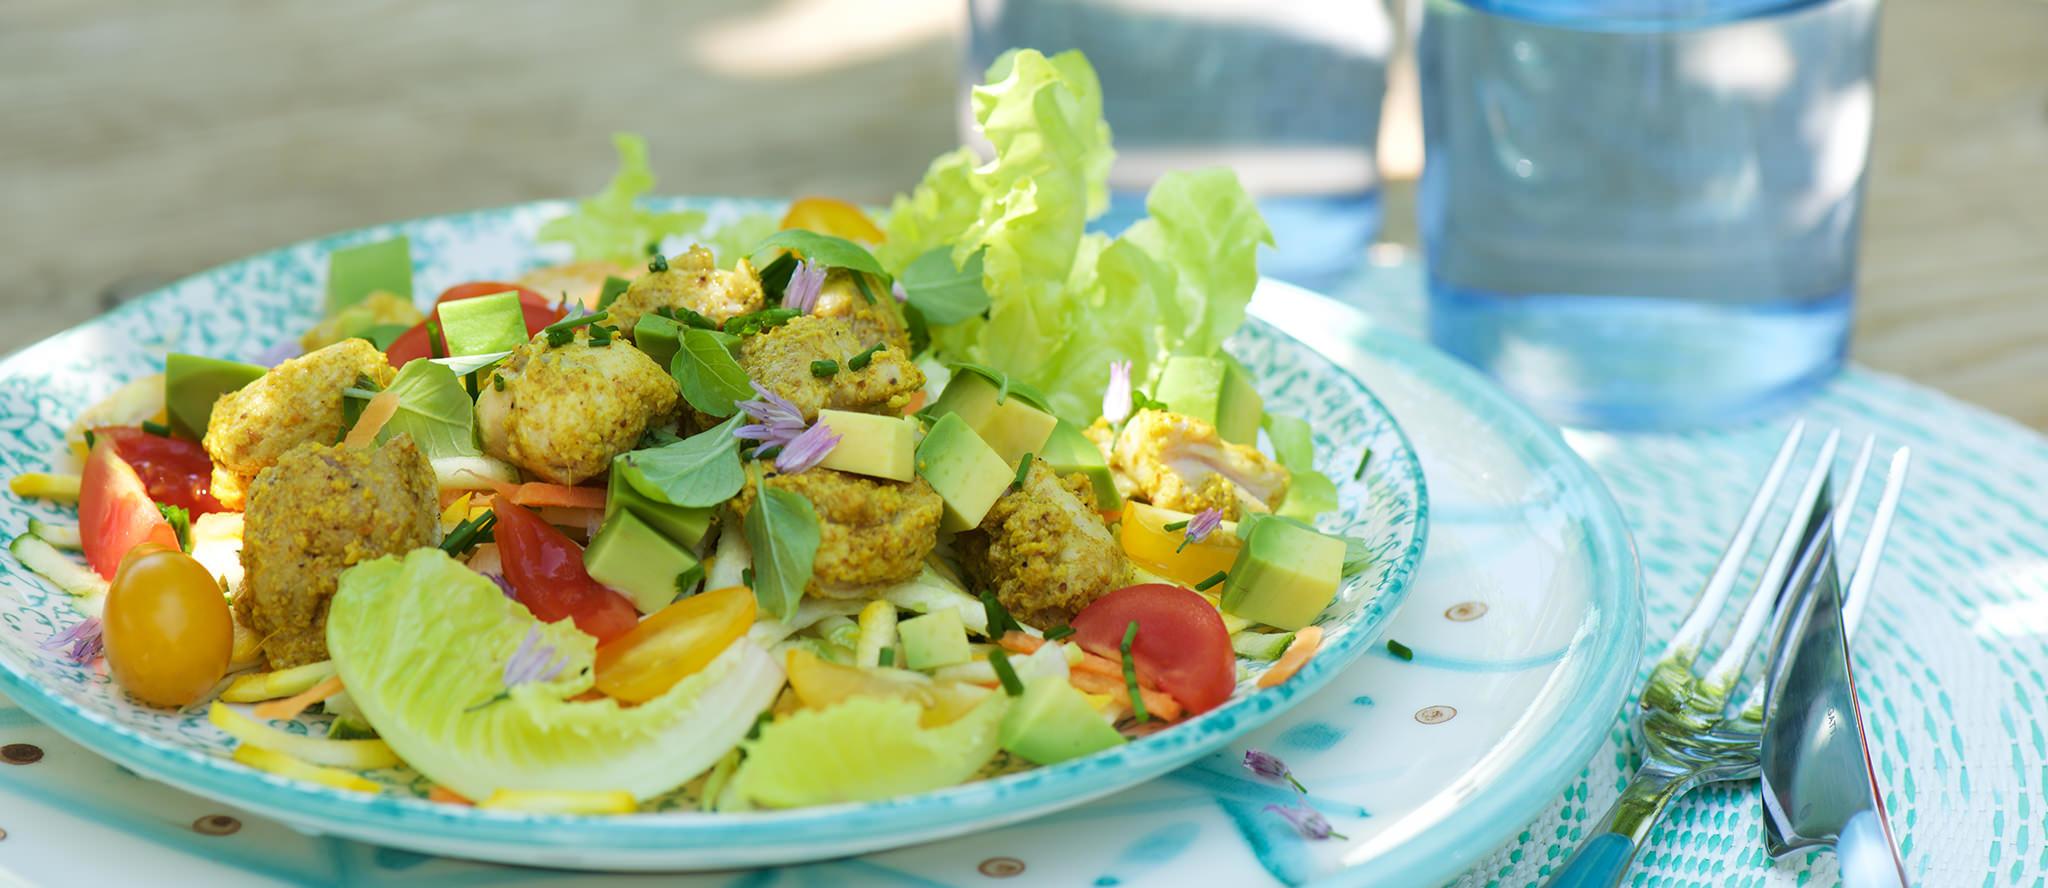 Salade de poulet bandeau